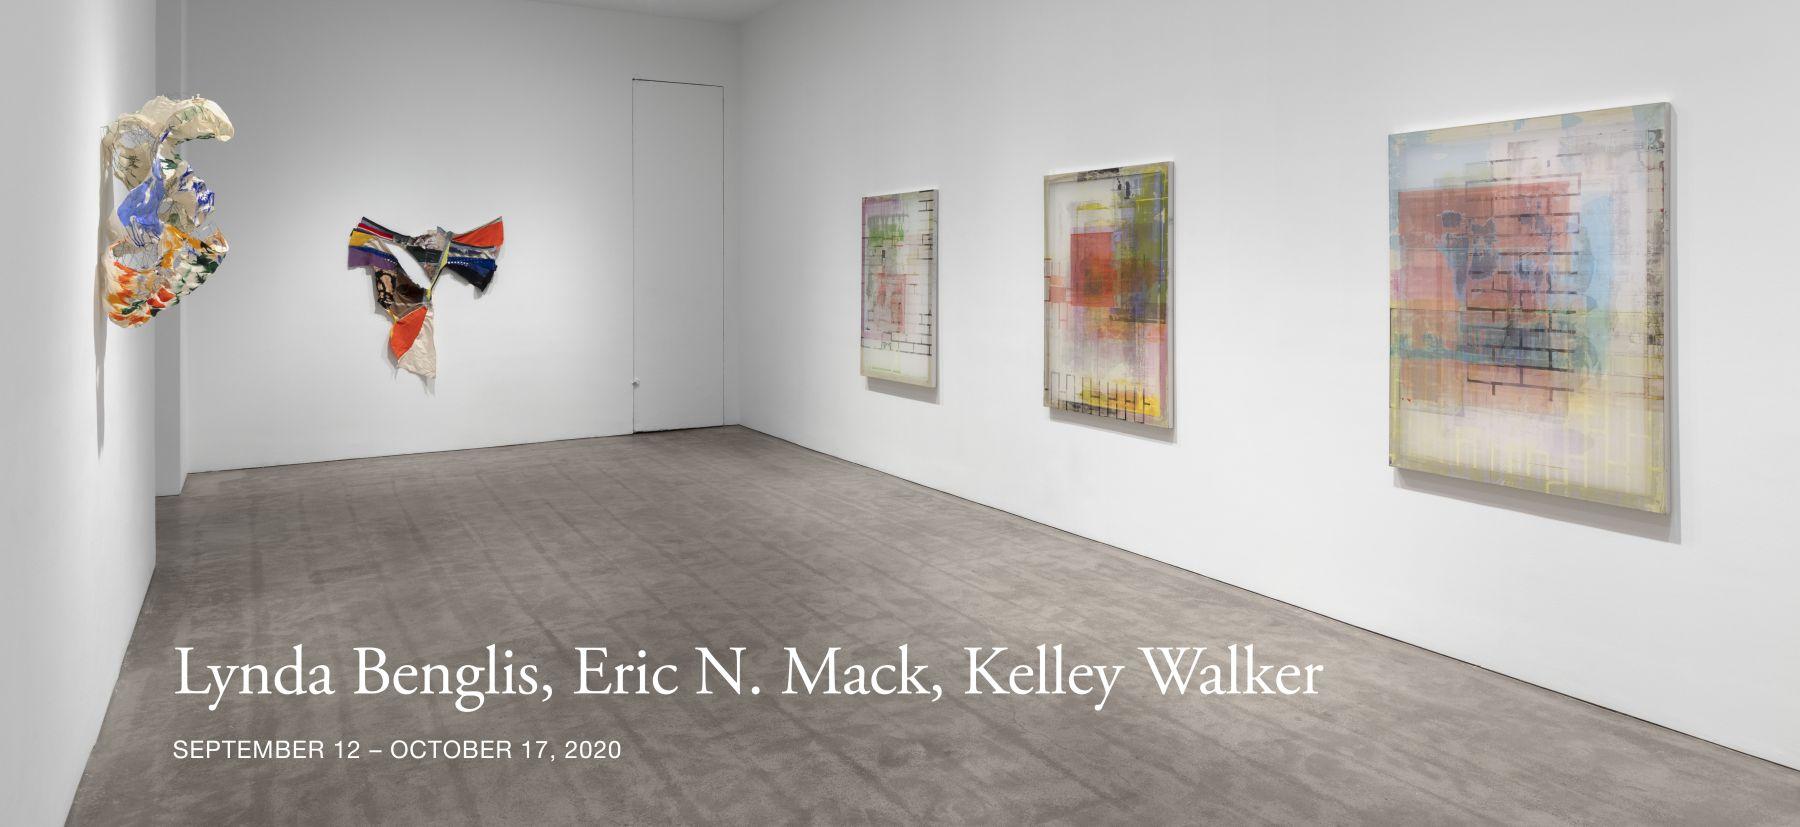 Lynda Benglis, Eric N. Mack, Kelley Walker